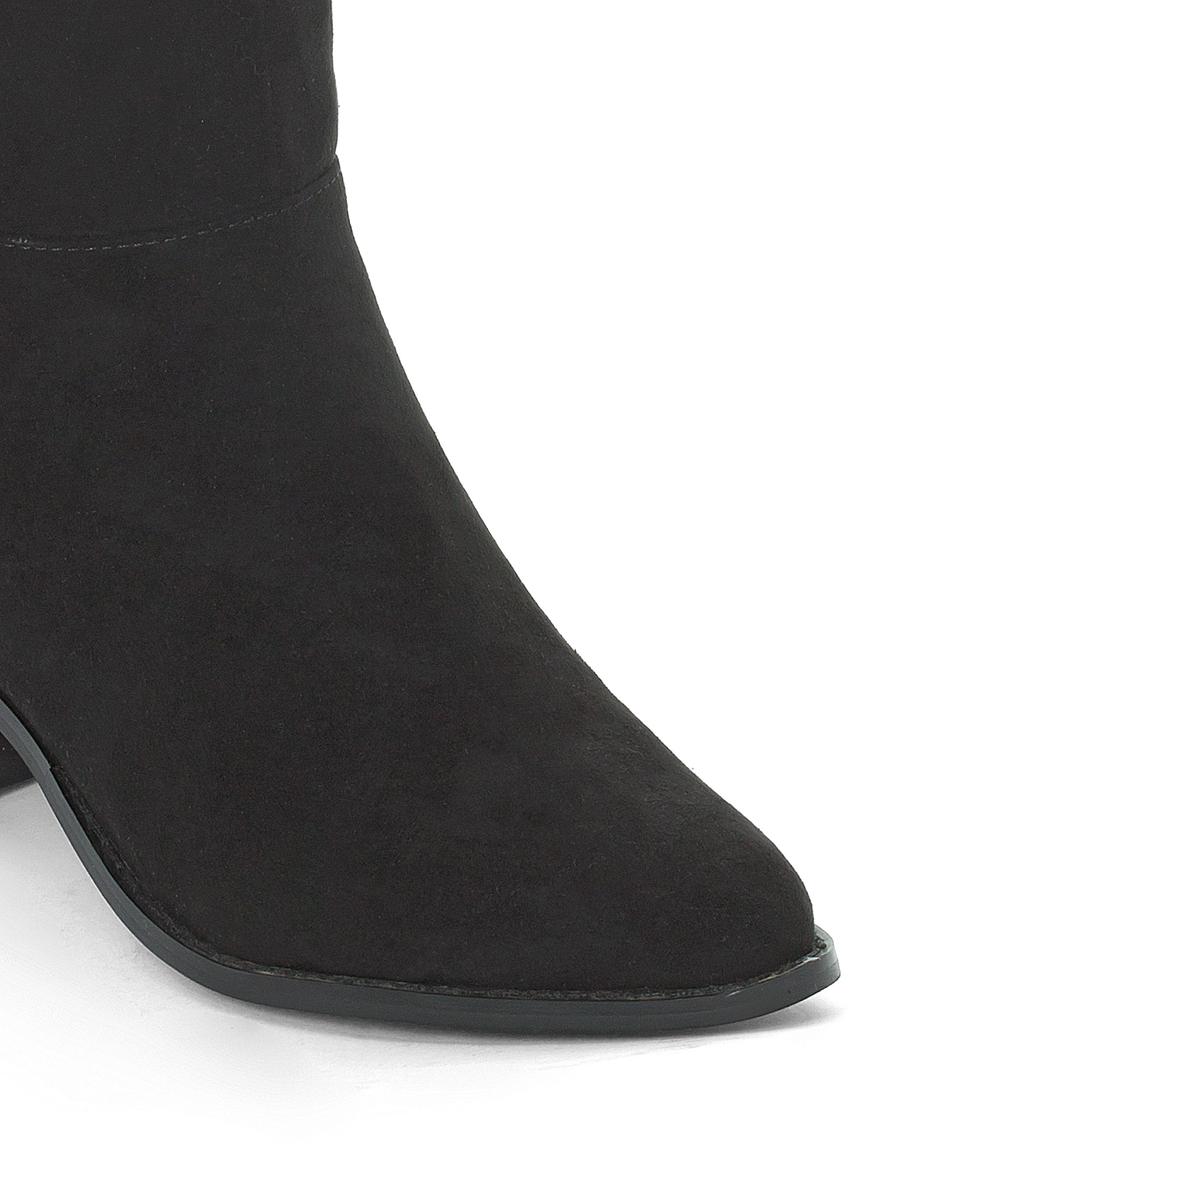 Сапоги кожаные на плоском каблукеОписание:Детали •  Классическая модель •  Плоский каблук •  Круглый мысок •  Застежка : на молнию •  Гладкая отделка •  Обхват голени : 39 см для размера 37 •  Высота голенища : 55 см для размера 37Состав и уход •  Верх 100% синтетический материал •  Подкладка 100% текстиль •  Стелька 100% синтетический материал •  Подошва 100% эластомер<br><br>Цвет: черный